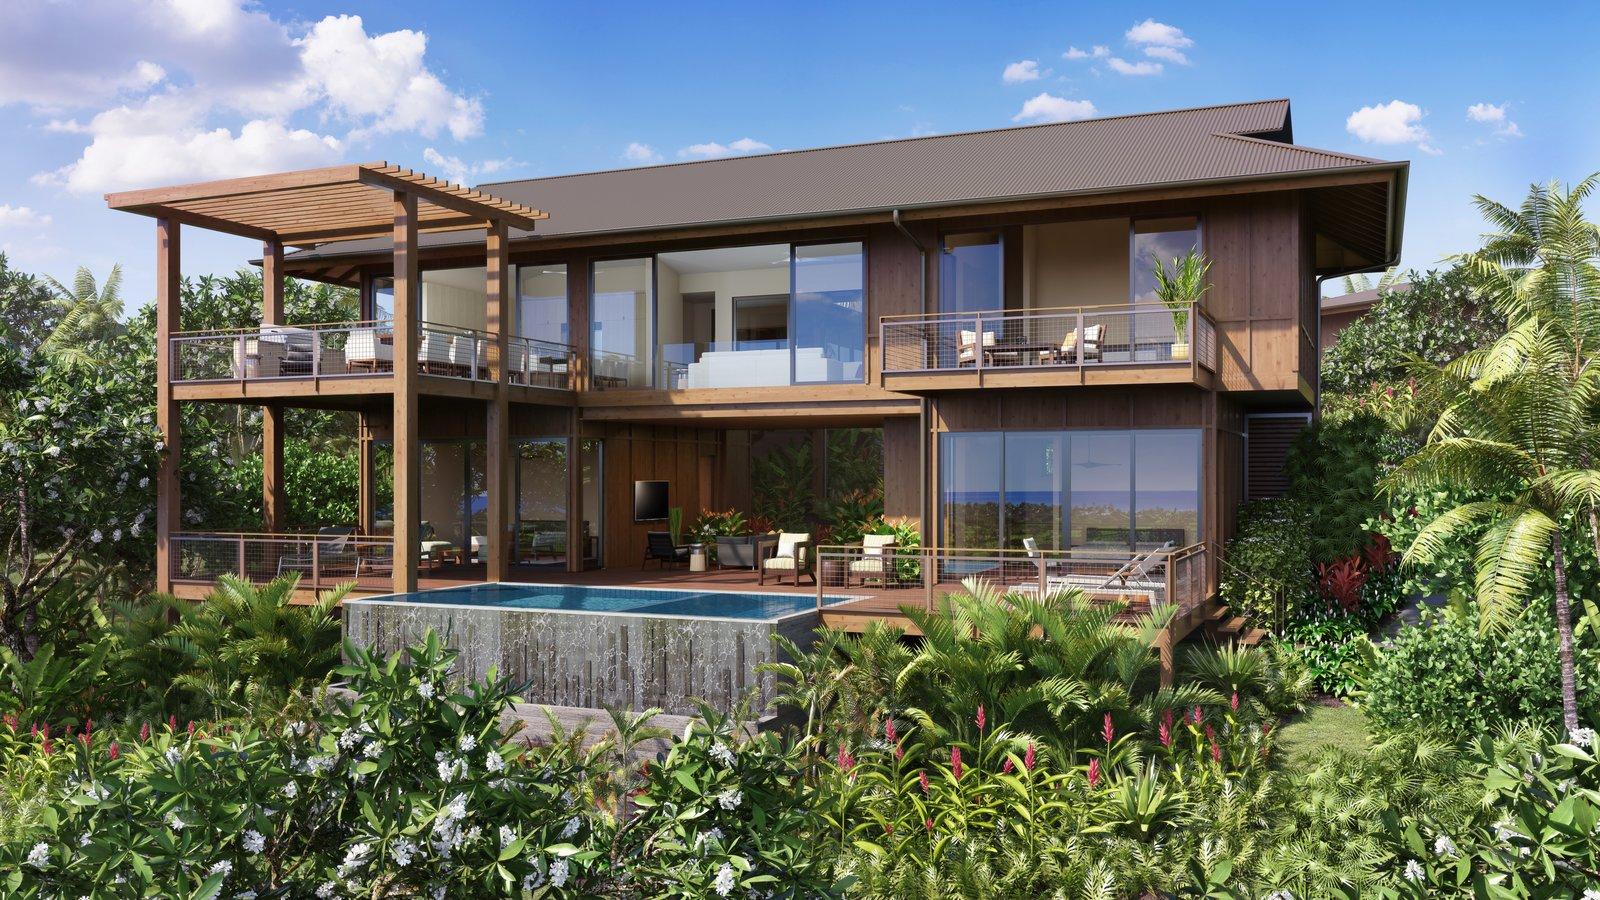 A Breezy Hawaiian Residence by Olson Kundig Hits the Market